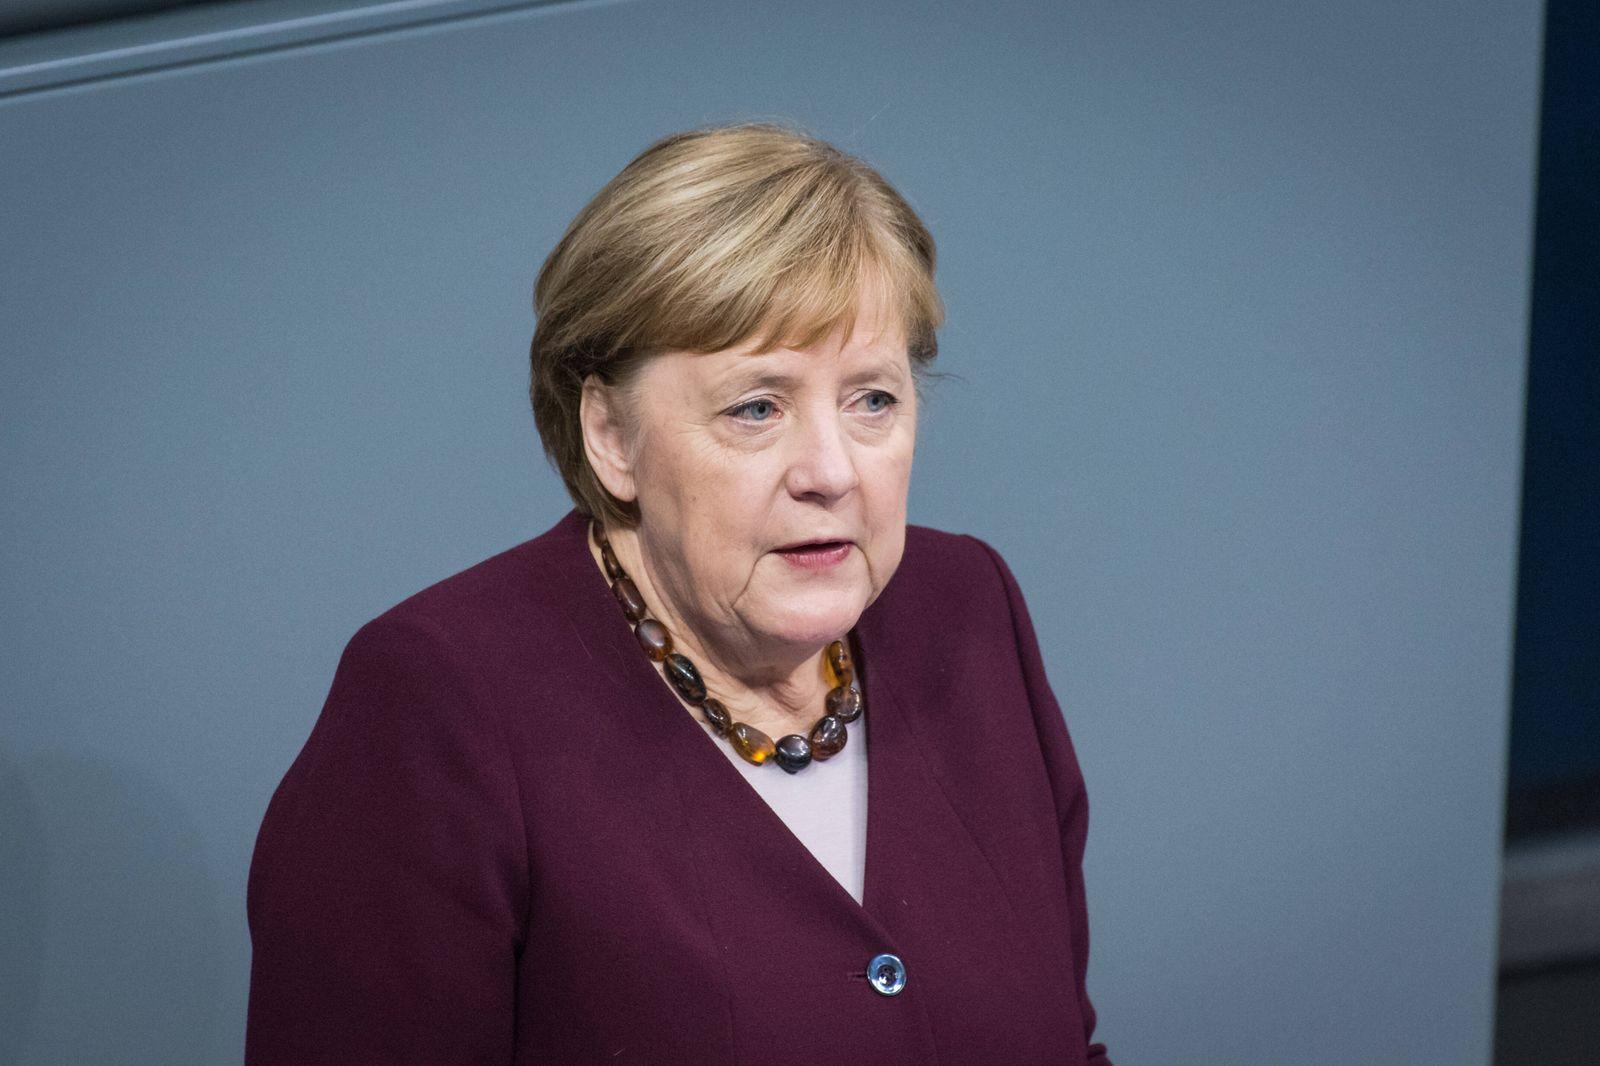 Berlin, Plenarsitzung im Bundestag Deutschland, Berlin - 26.11.2020: Bundeskanzlerin Dr. Angela Merkel (cdu) spricht zu